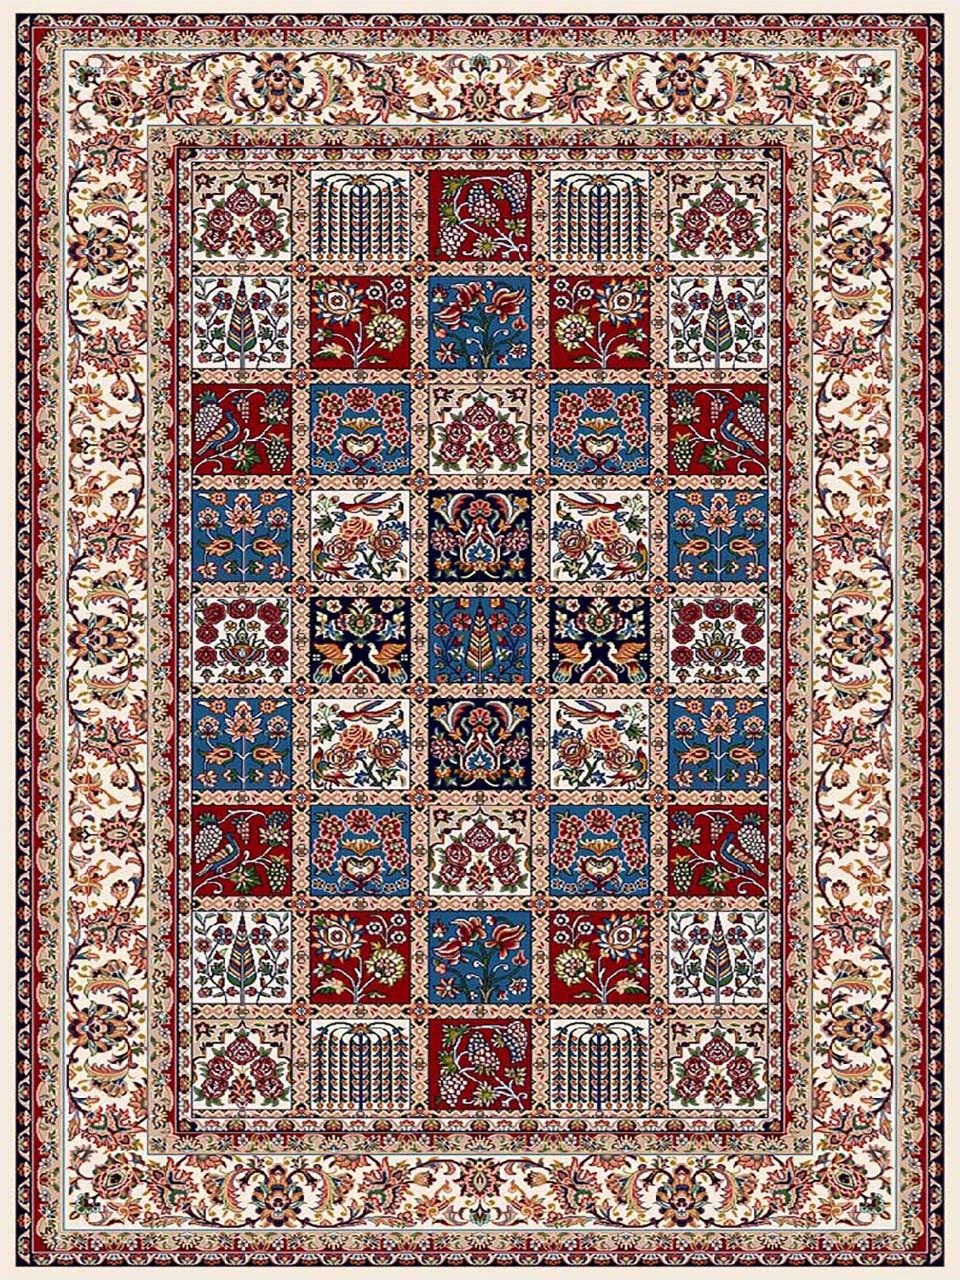 فرش (7203) پلی پروپیلن - 8 رنگ - 410 شانه - کرم - تراکم 1000